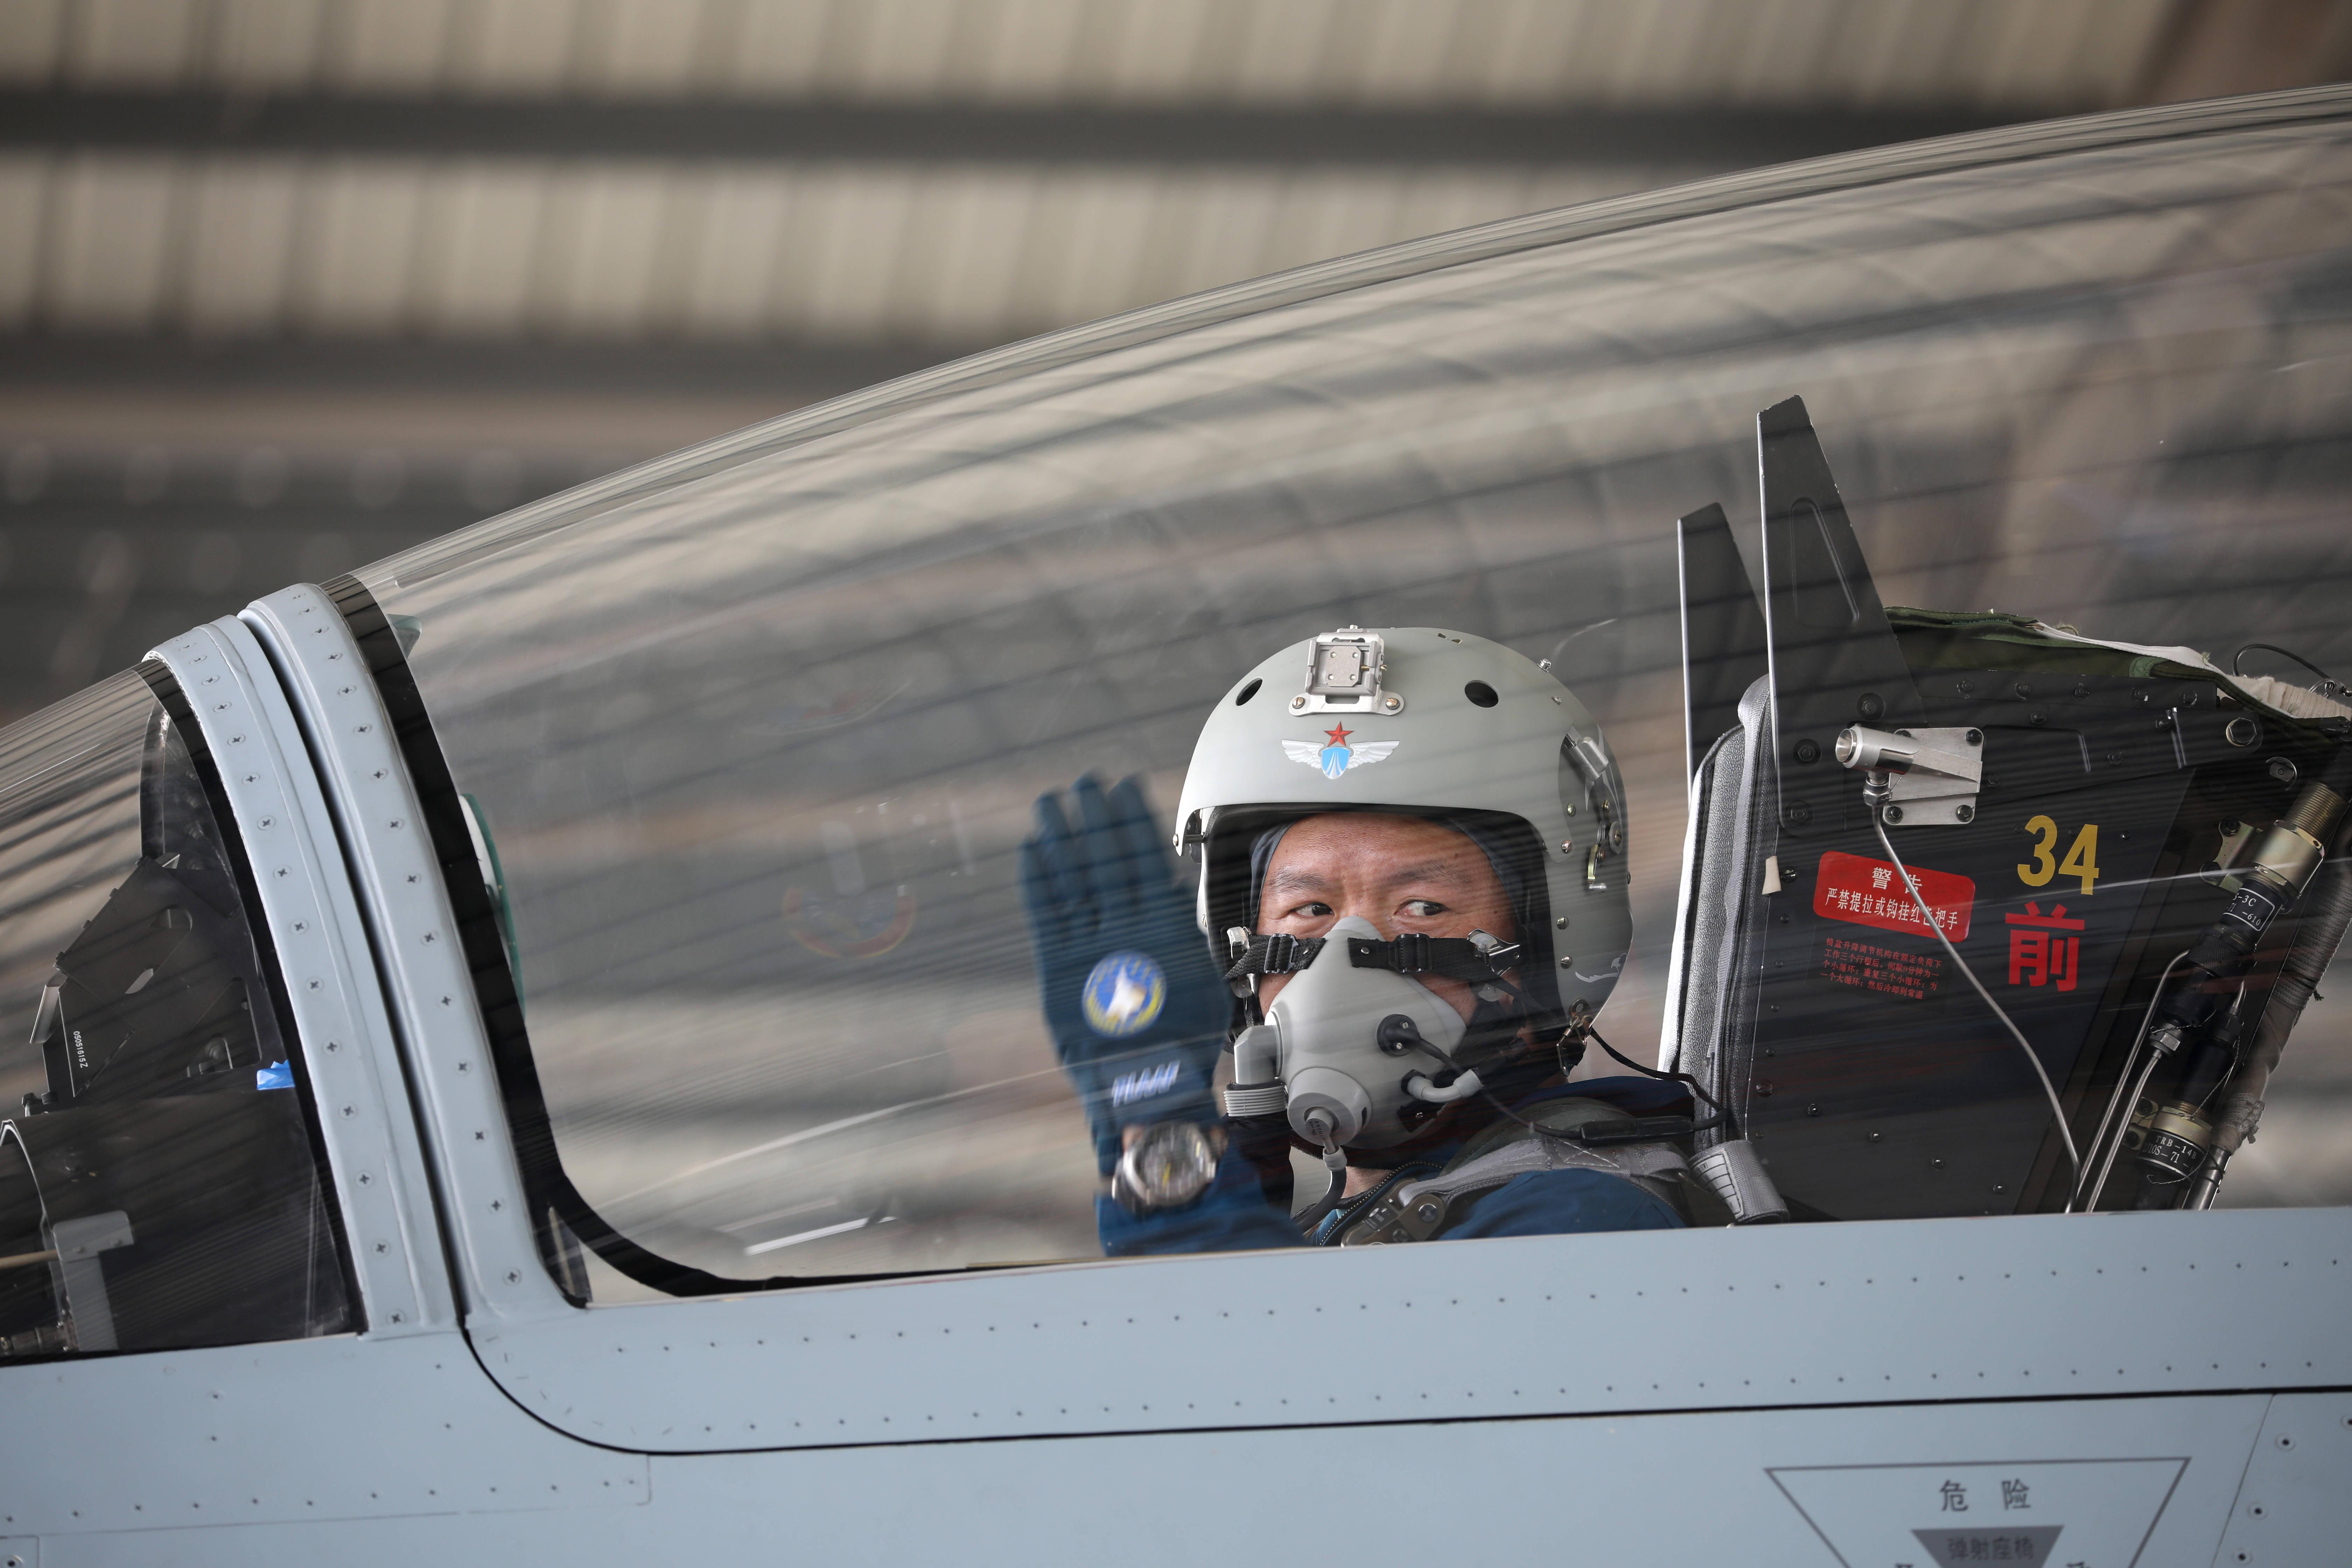 成功处置空中重大特情跳伞受伤的一等功臣复飞重返蓝天